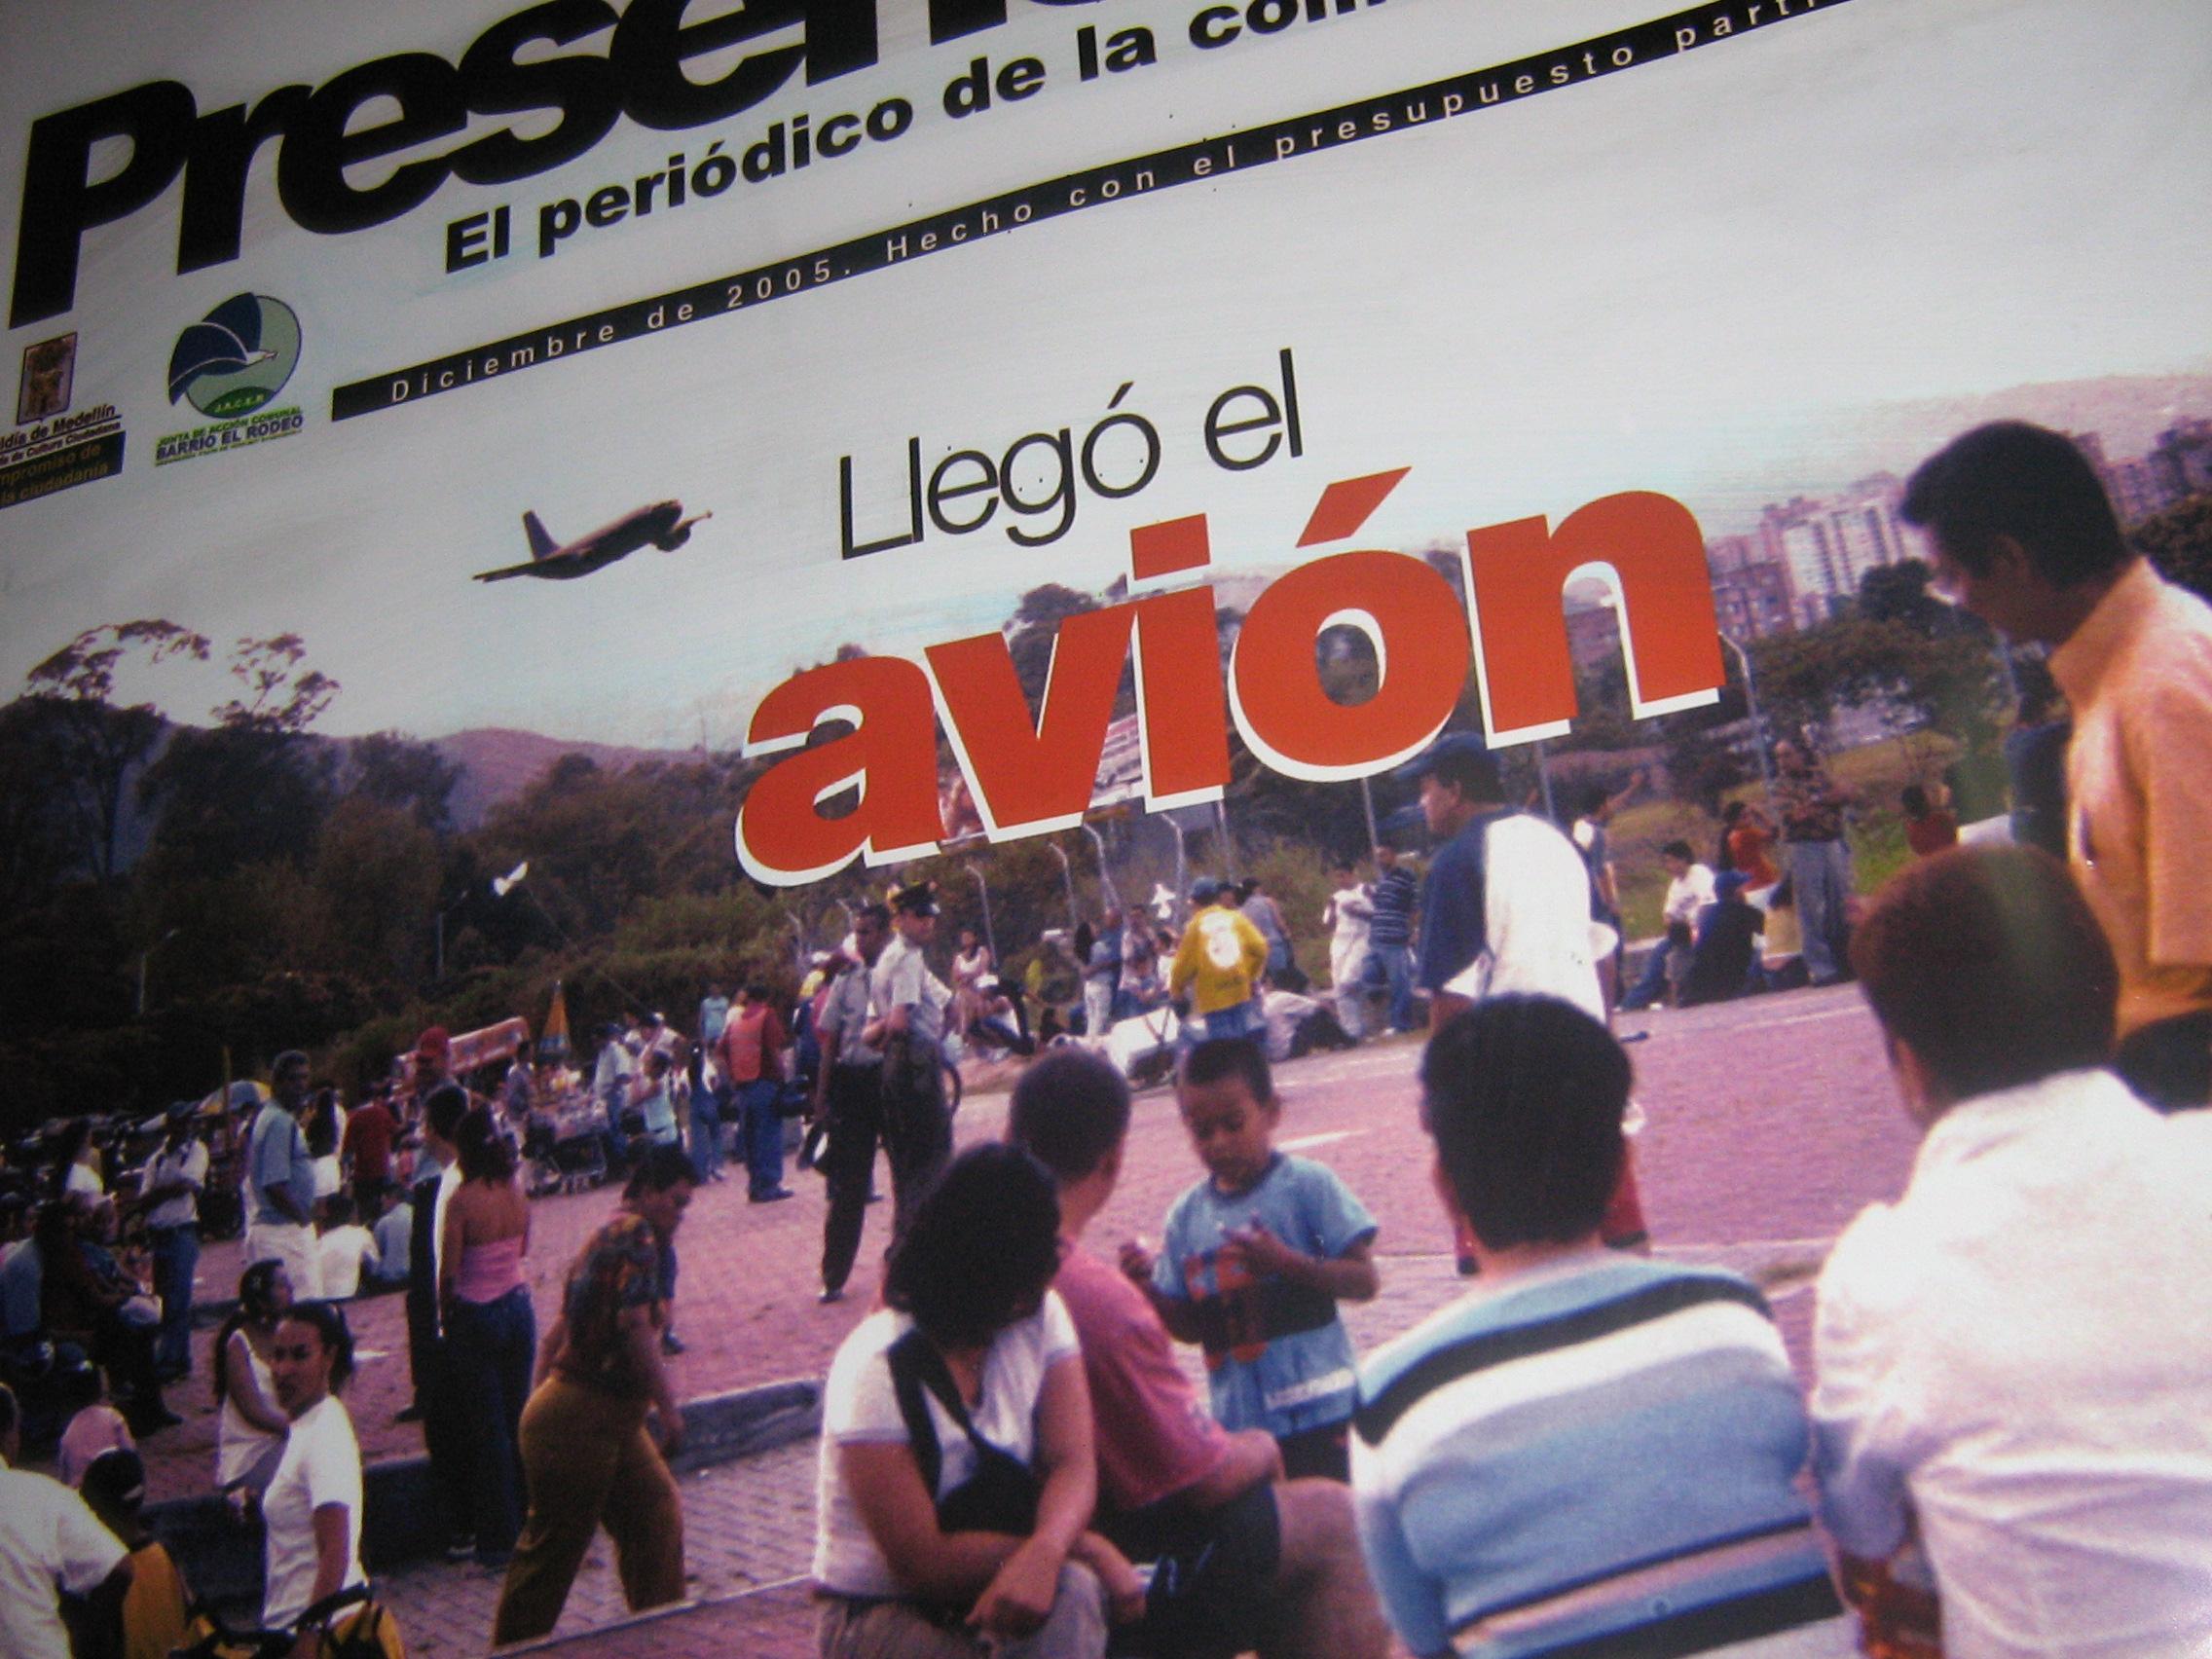 Presencia 15, comunicación participativa en Guayabal